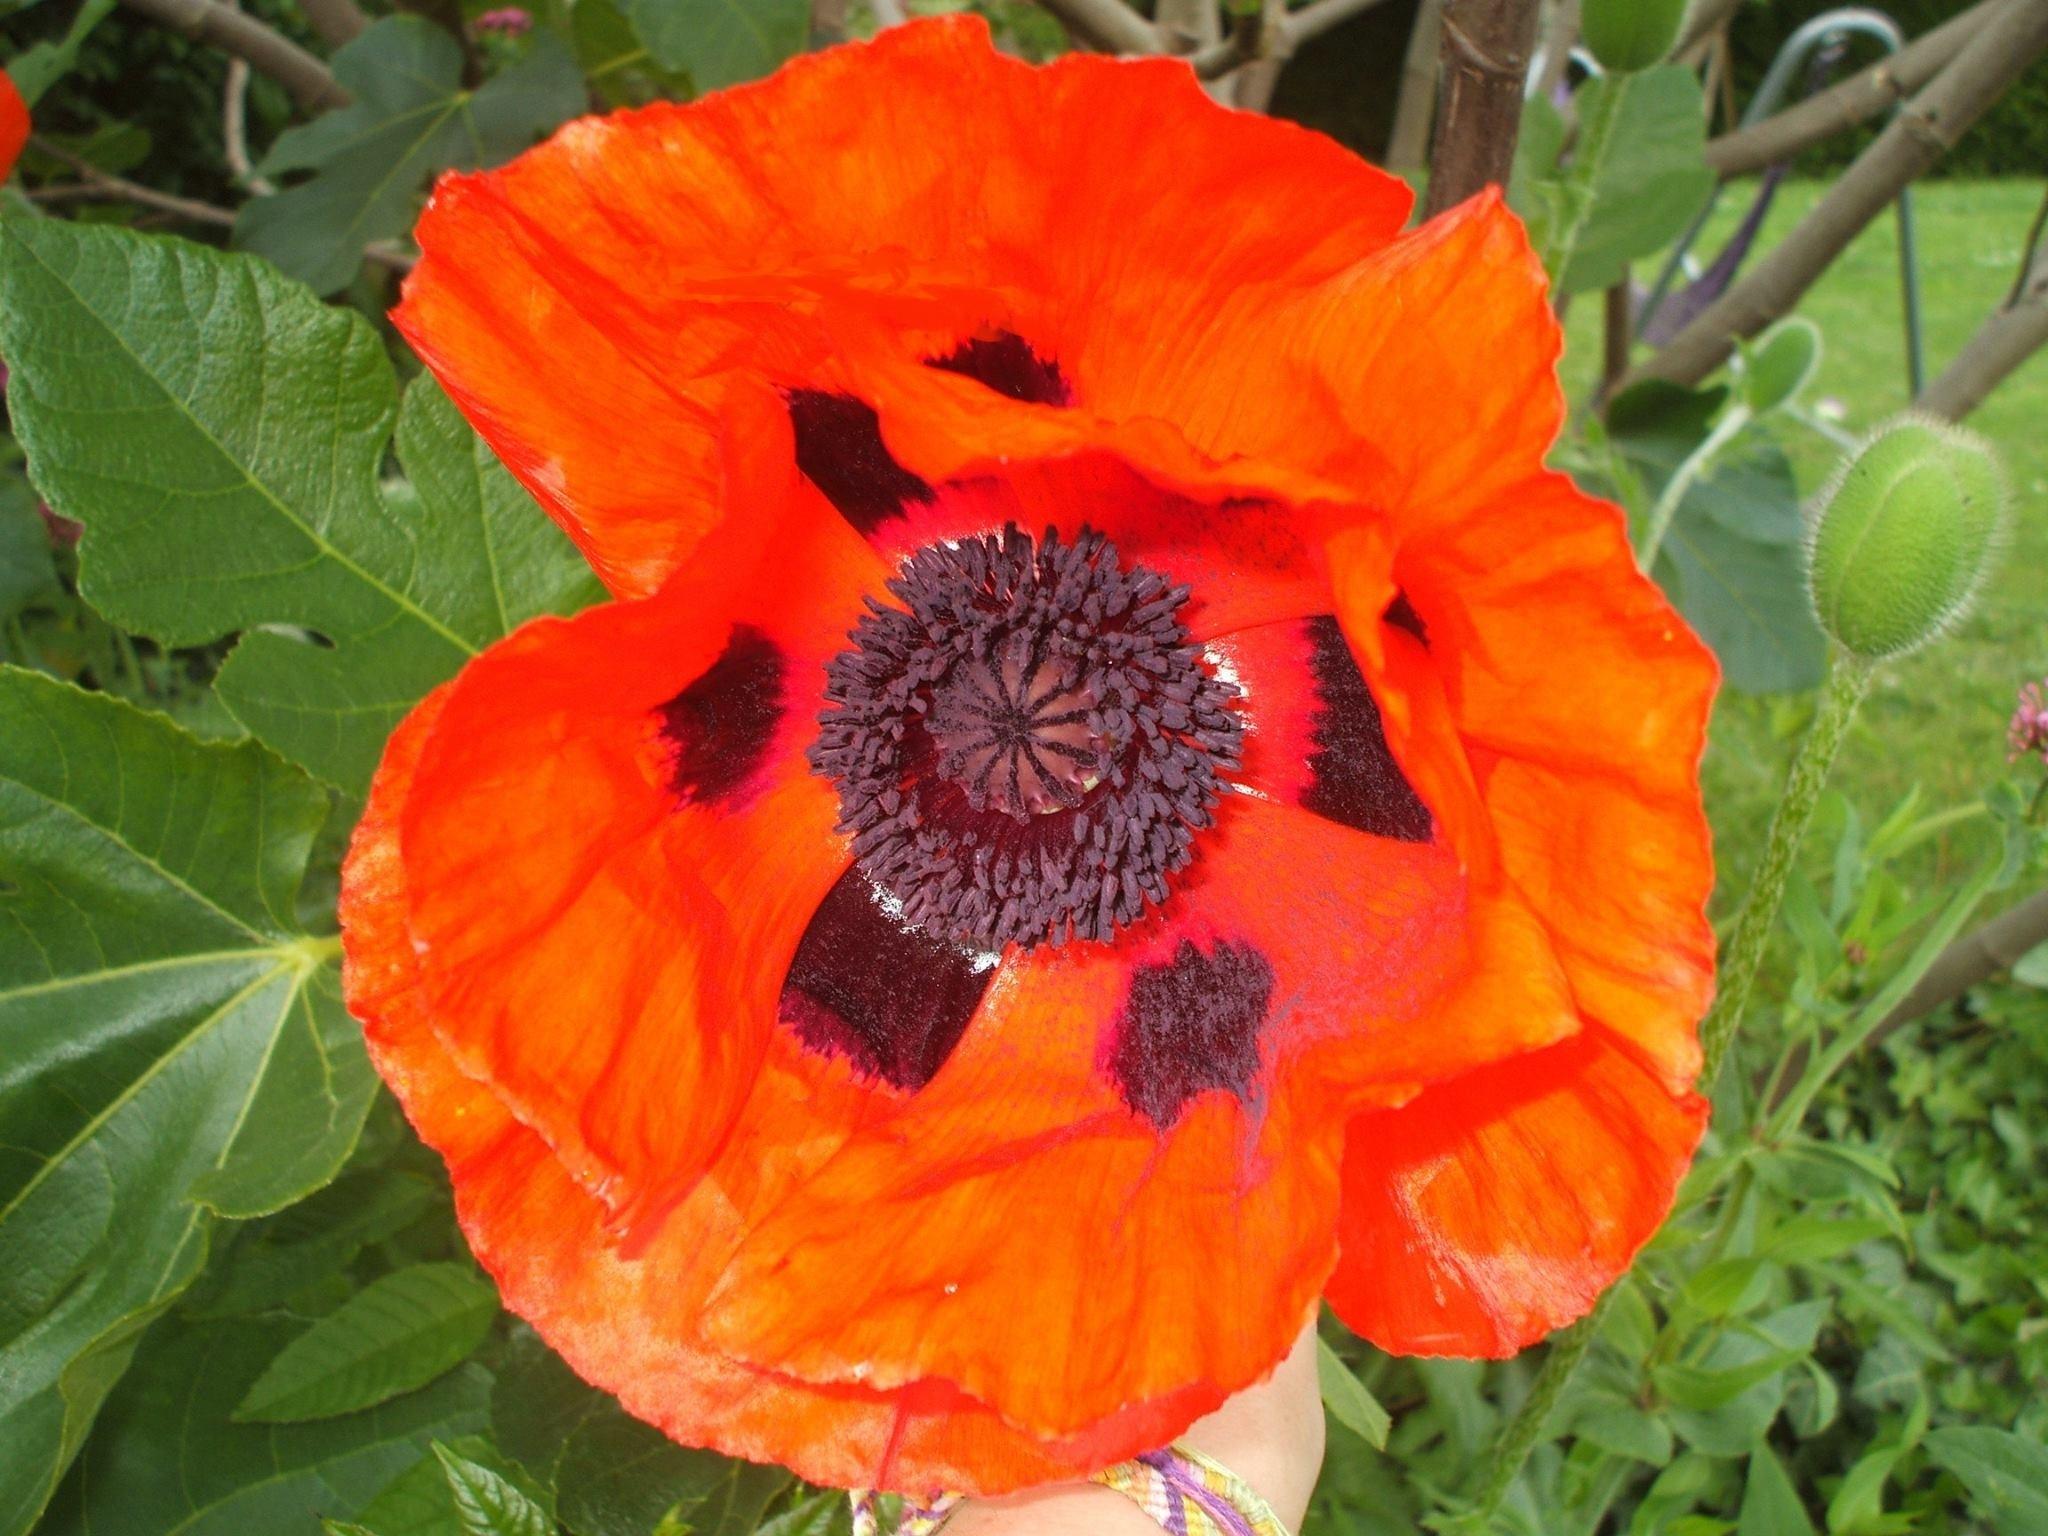 Images Gratuites  la nature, champ, fleur, pétale, été, Orange, printemps,  rouge, botanique, jardin, flore, Fleur sauvage, pétales, coquelicot,  Coquelicot,